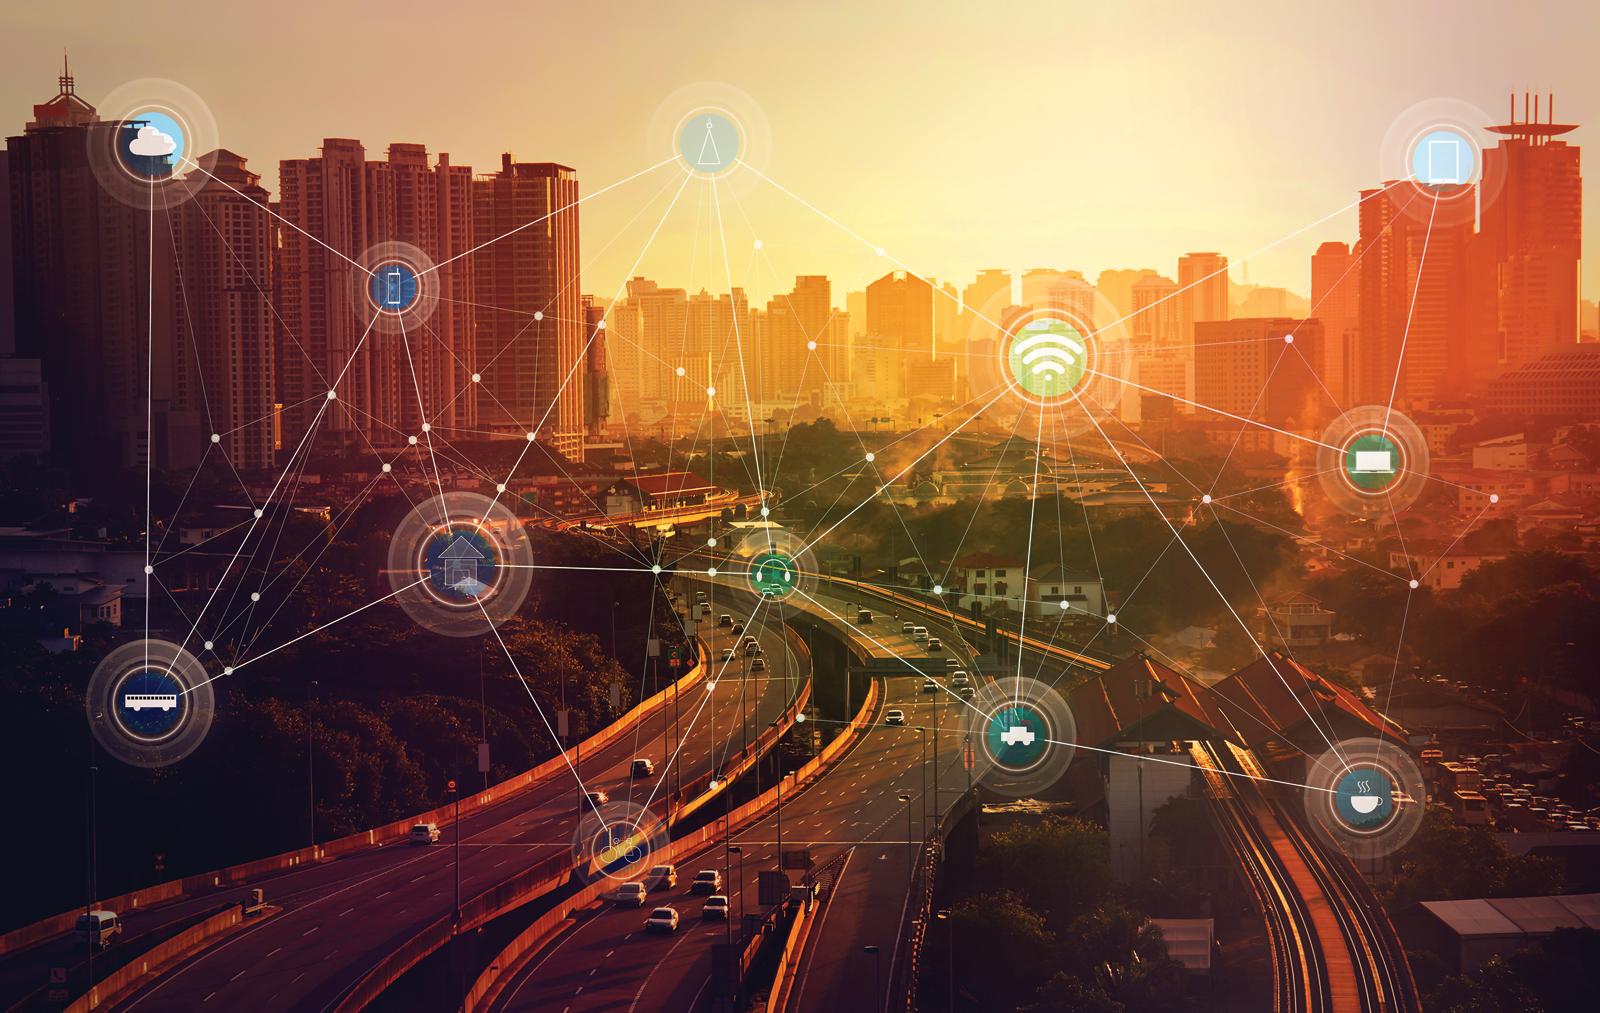 IoT_cityScape_Wallpaper